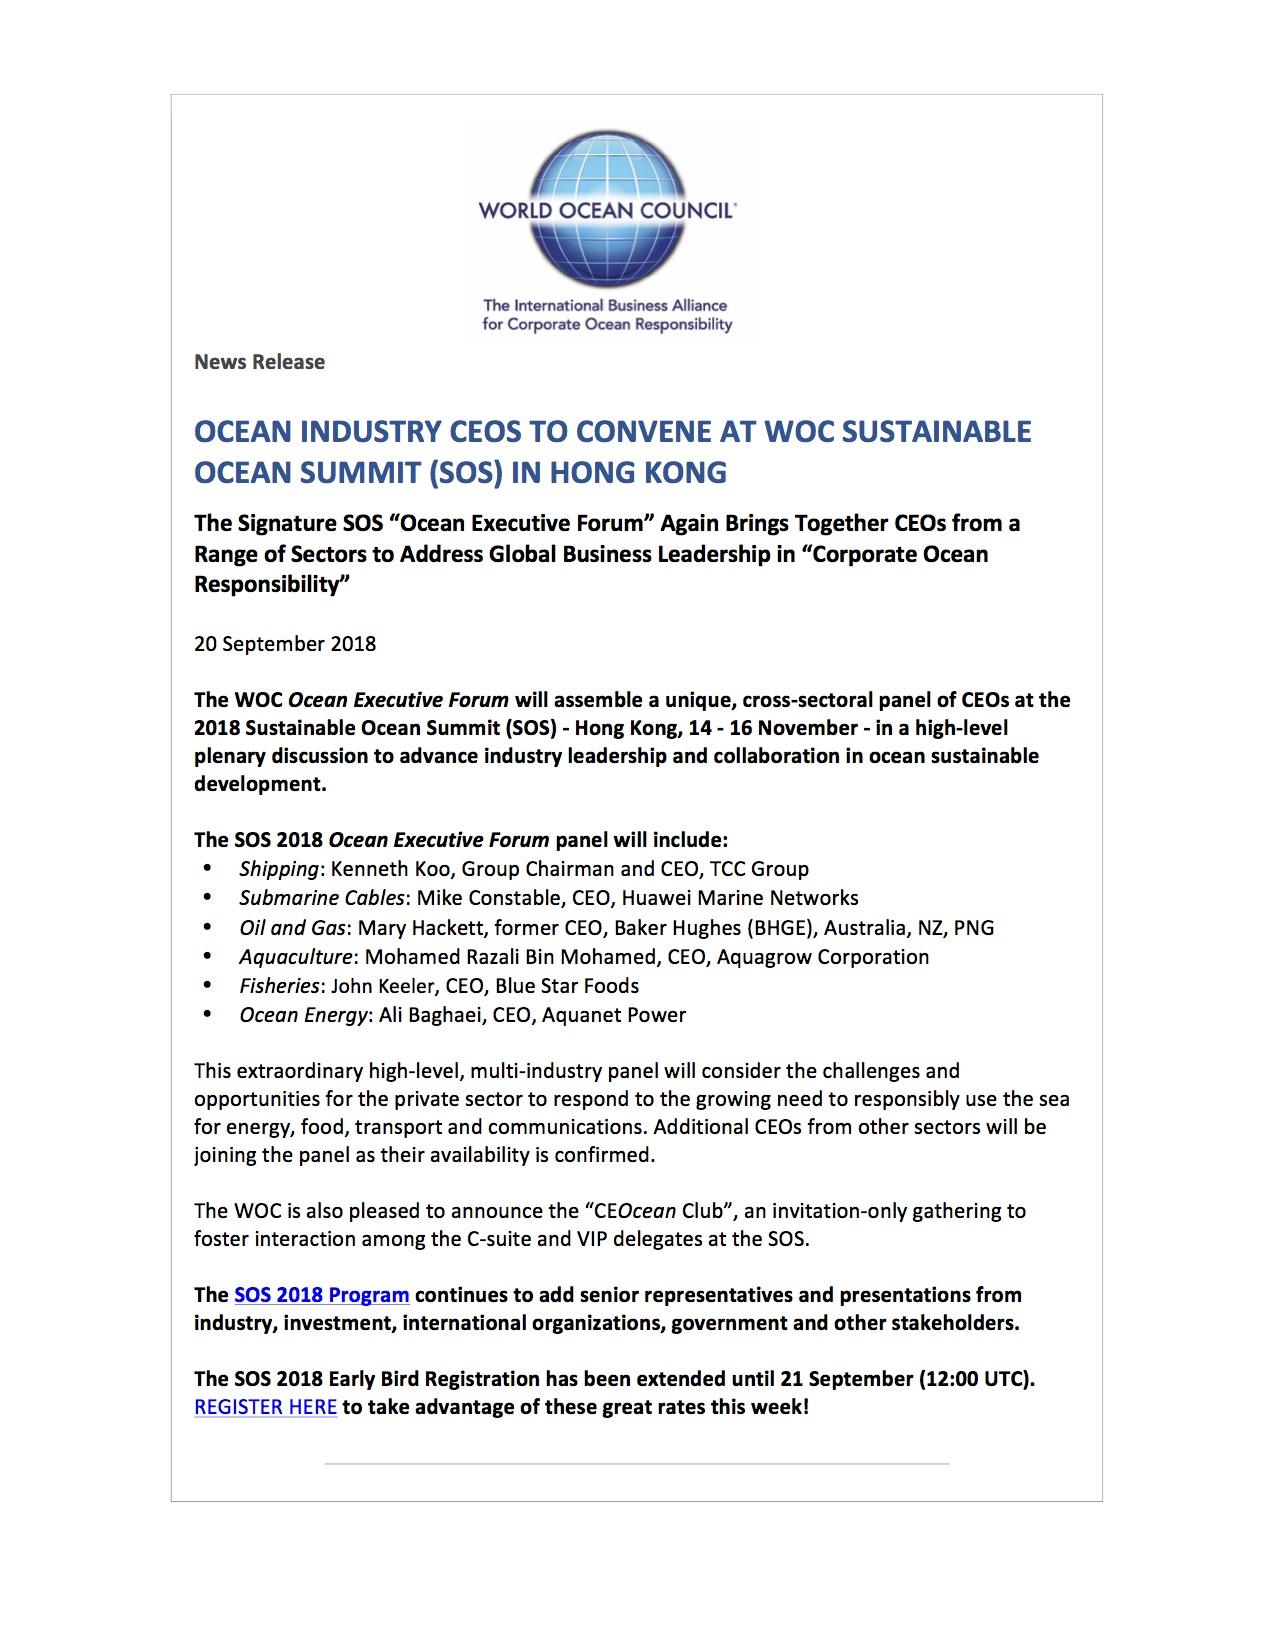 Ocean Industry CEOs to Convene at WOC Sustainable Ocean Summit (SOS) in Hong Kong - 20 September 2018